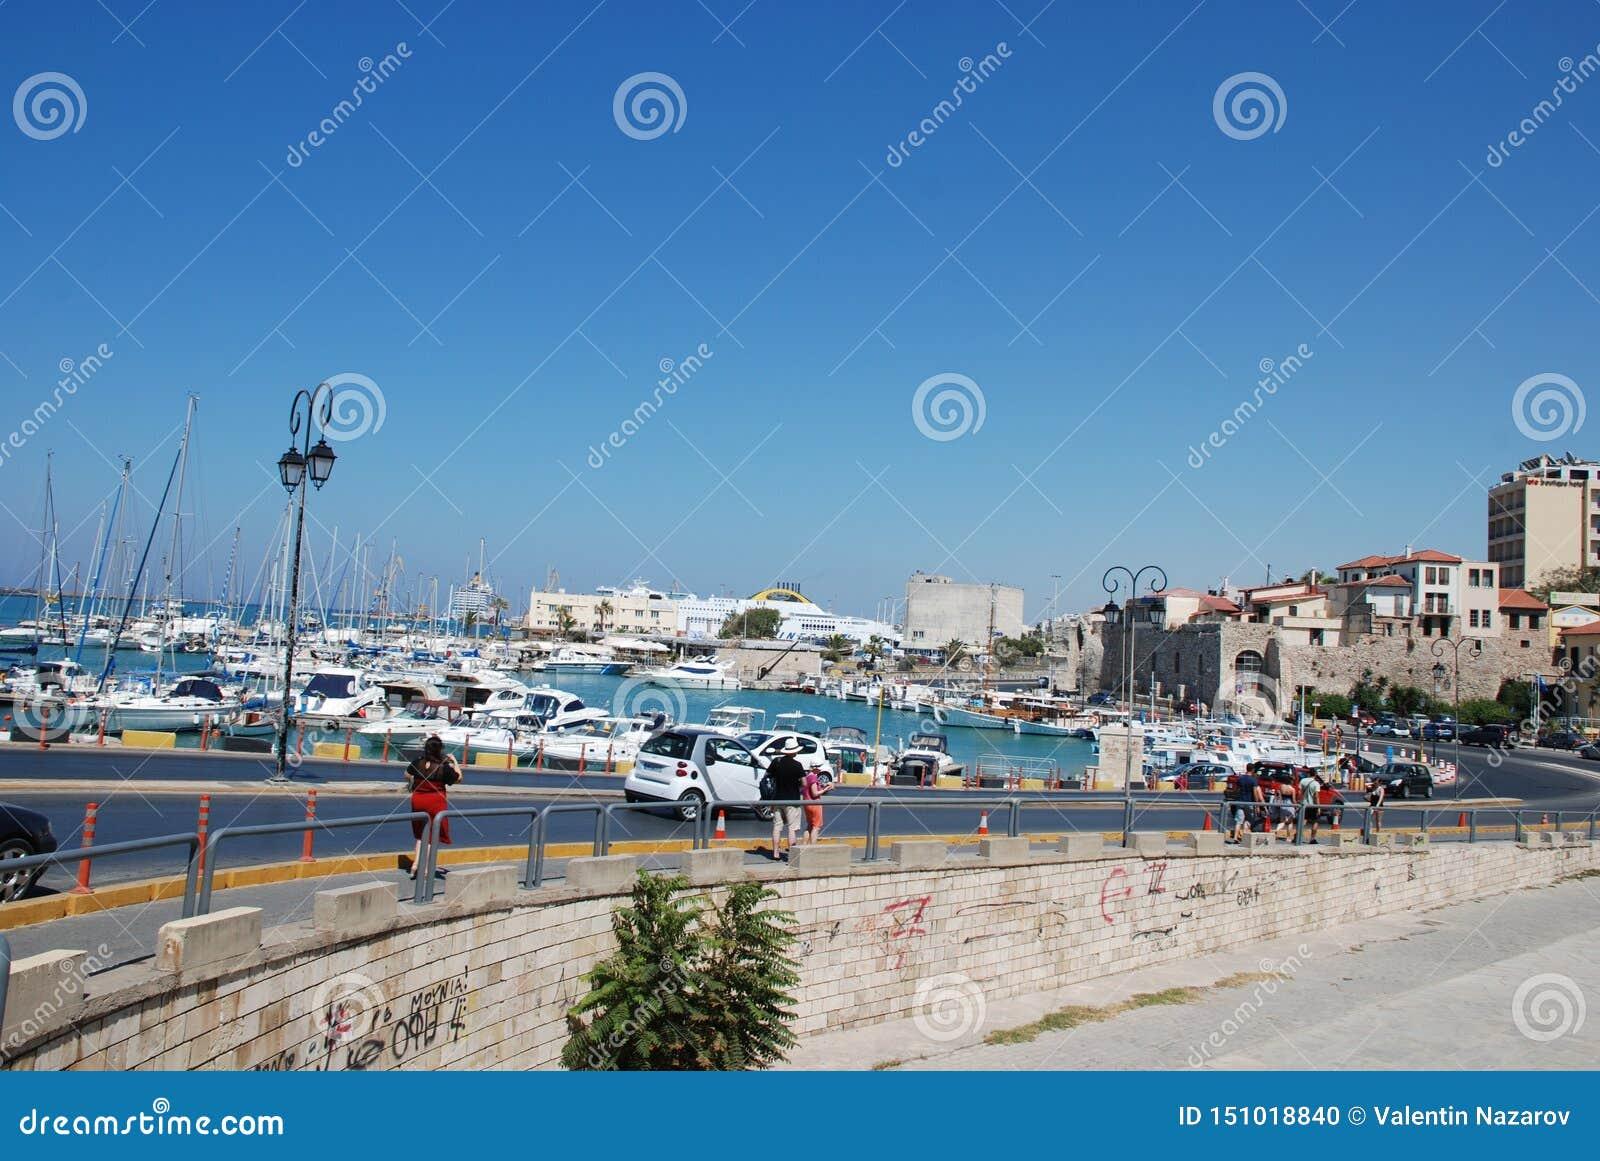 在码头的街道有游艇的在度假圣地伊拉克利翁,克利特